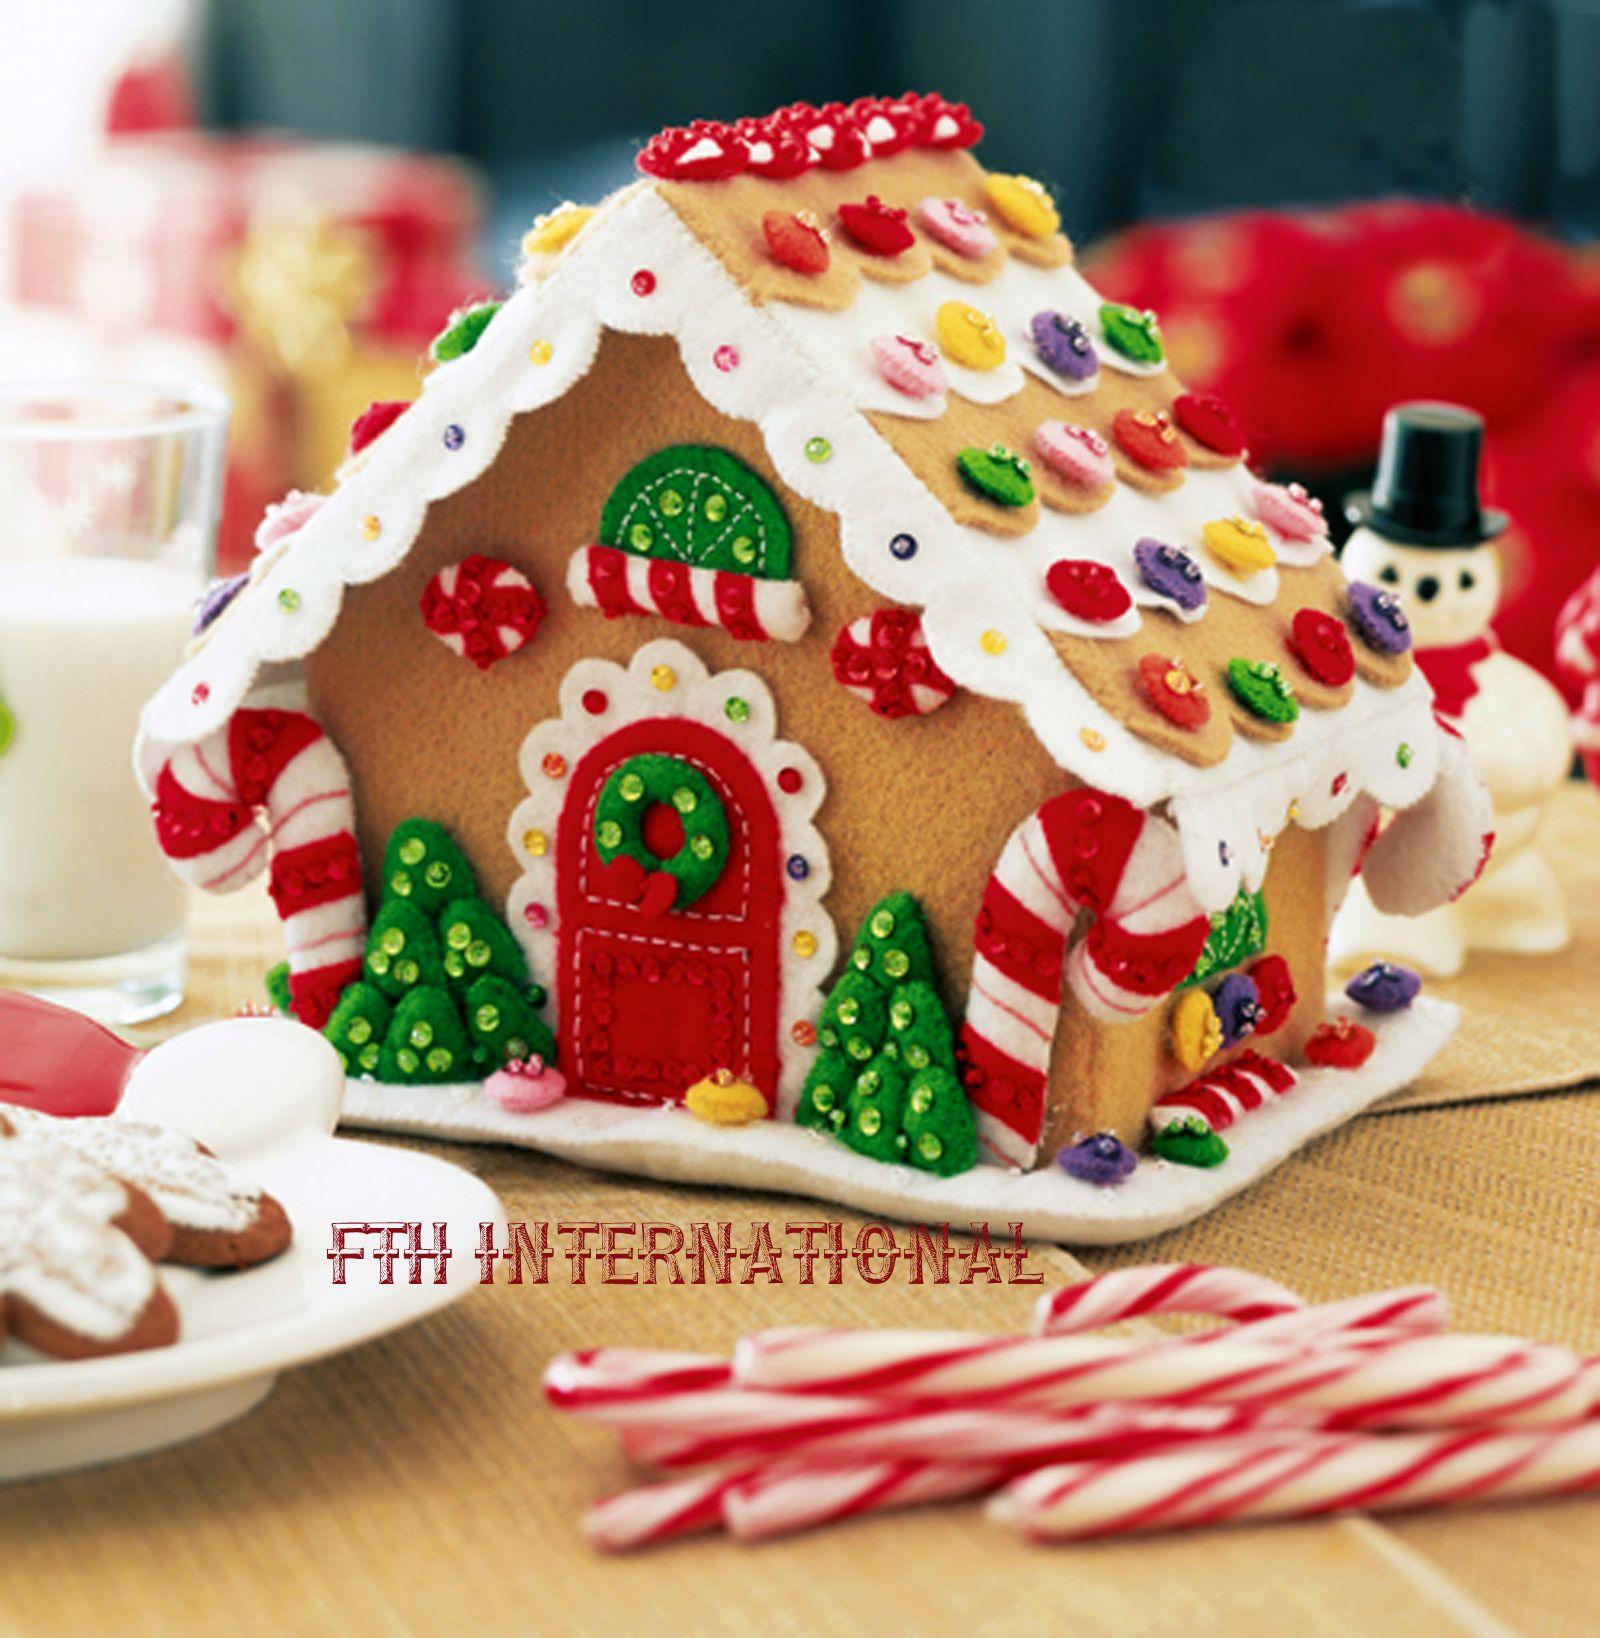 Gingerbread House Bucilla Felt Christmas 3D Home Decor Kit